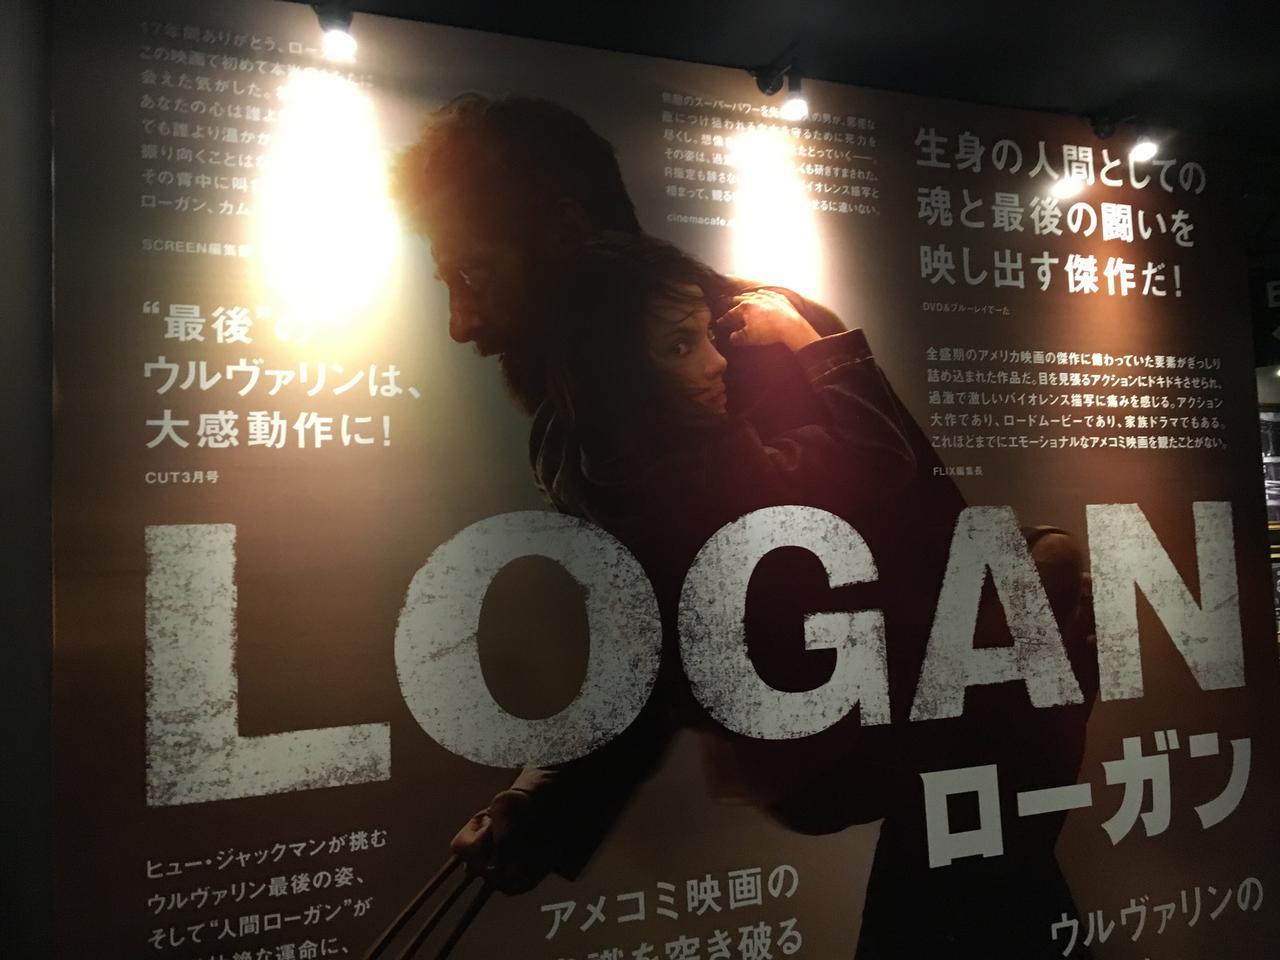 画像: マーベル最新作『LOGAN/ローガン』の日本公開に先駆けて 東京・六本木ヒルズで【ローガン展】が開催中!